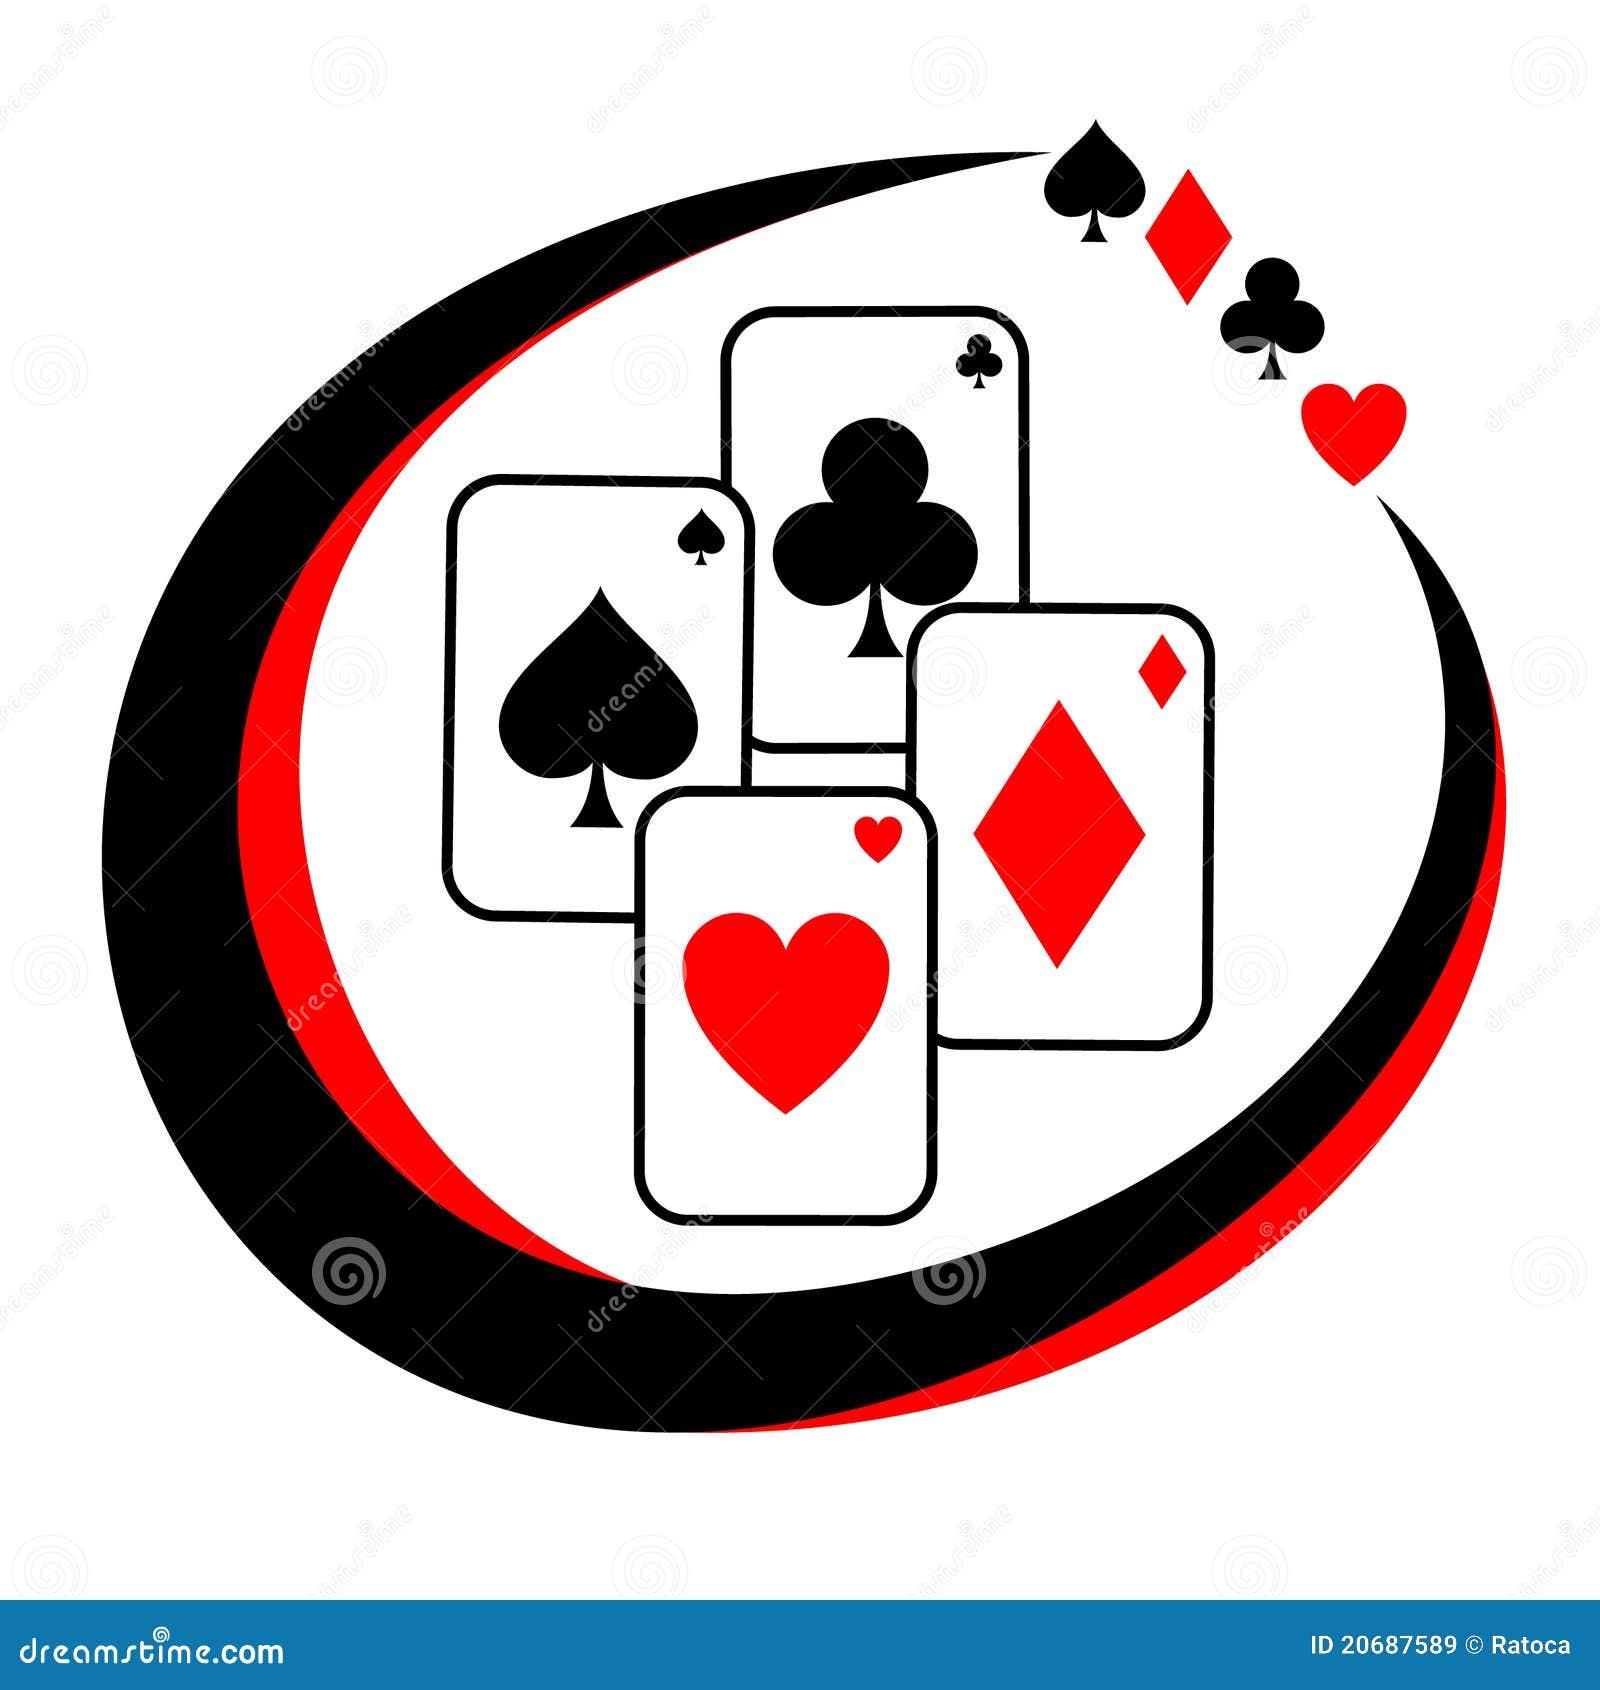 Poker border vector